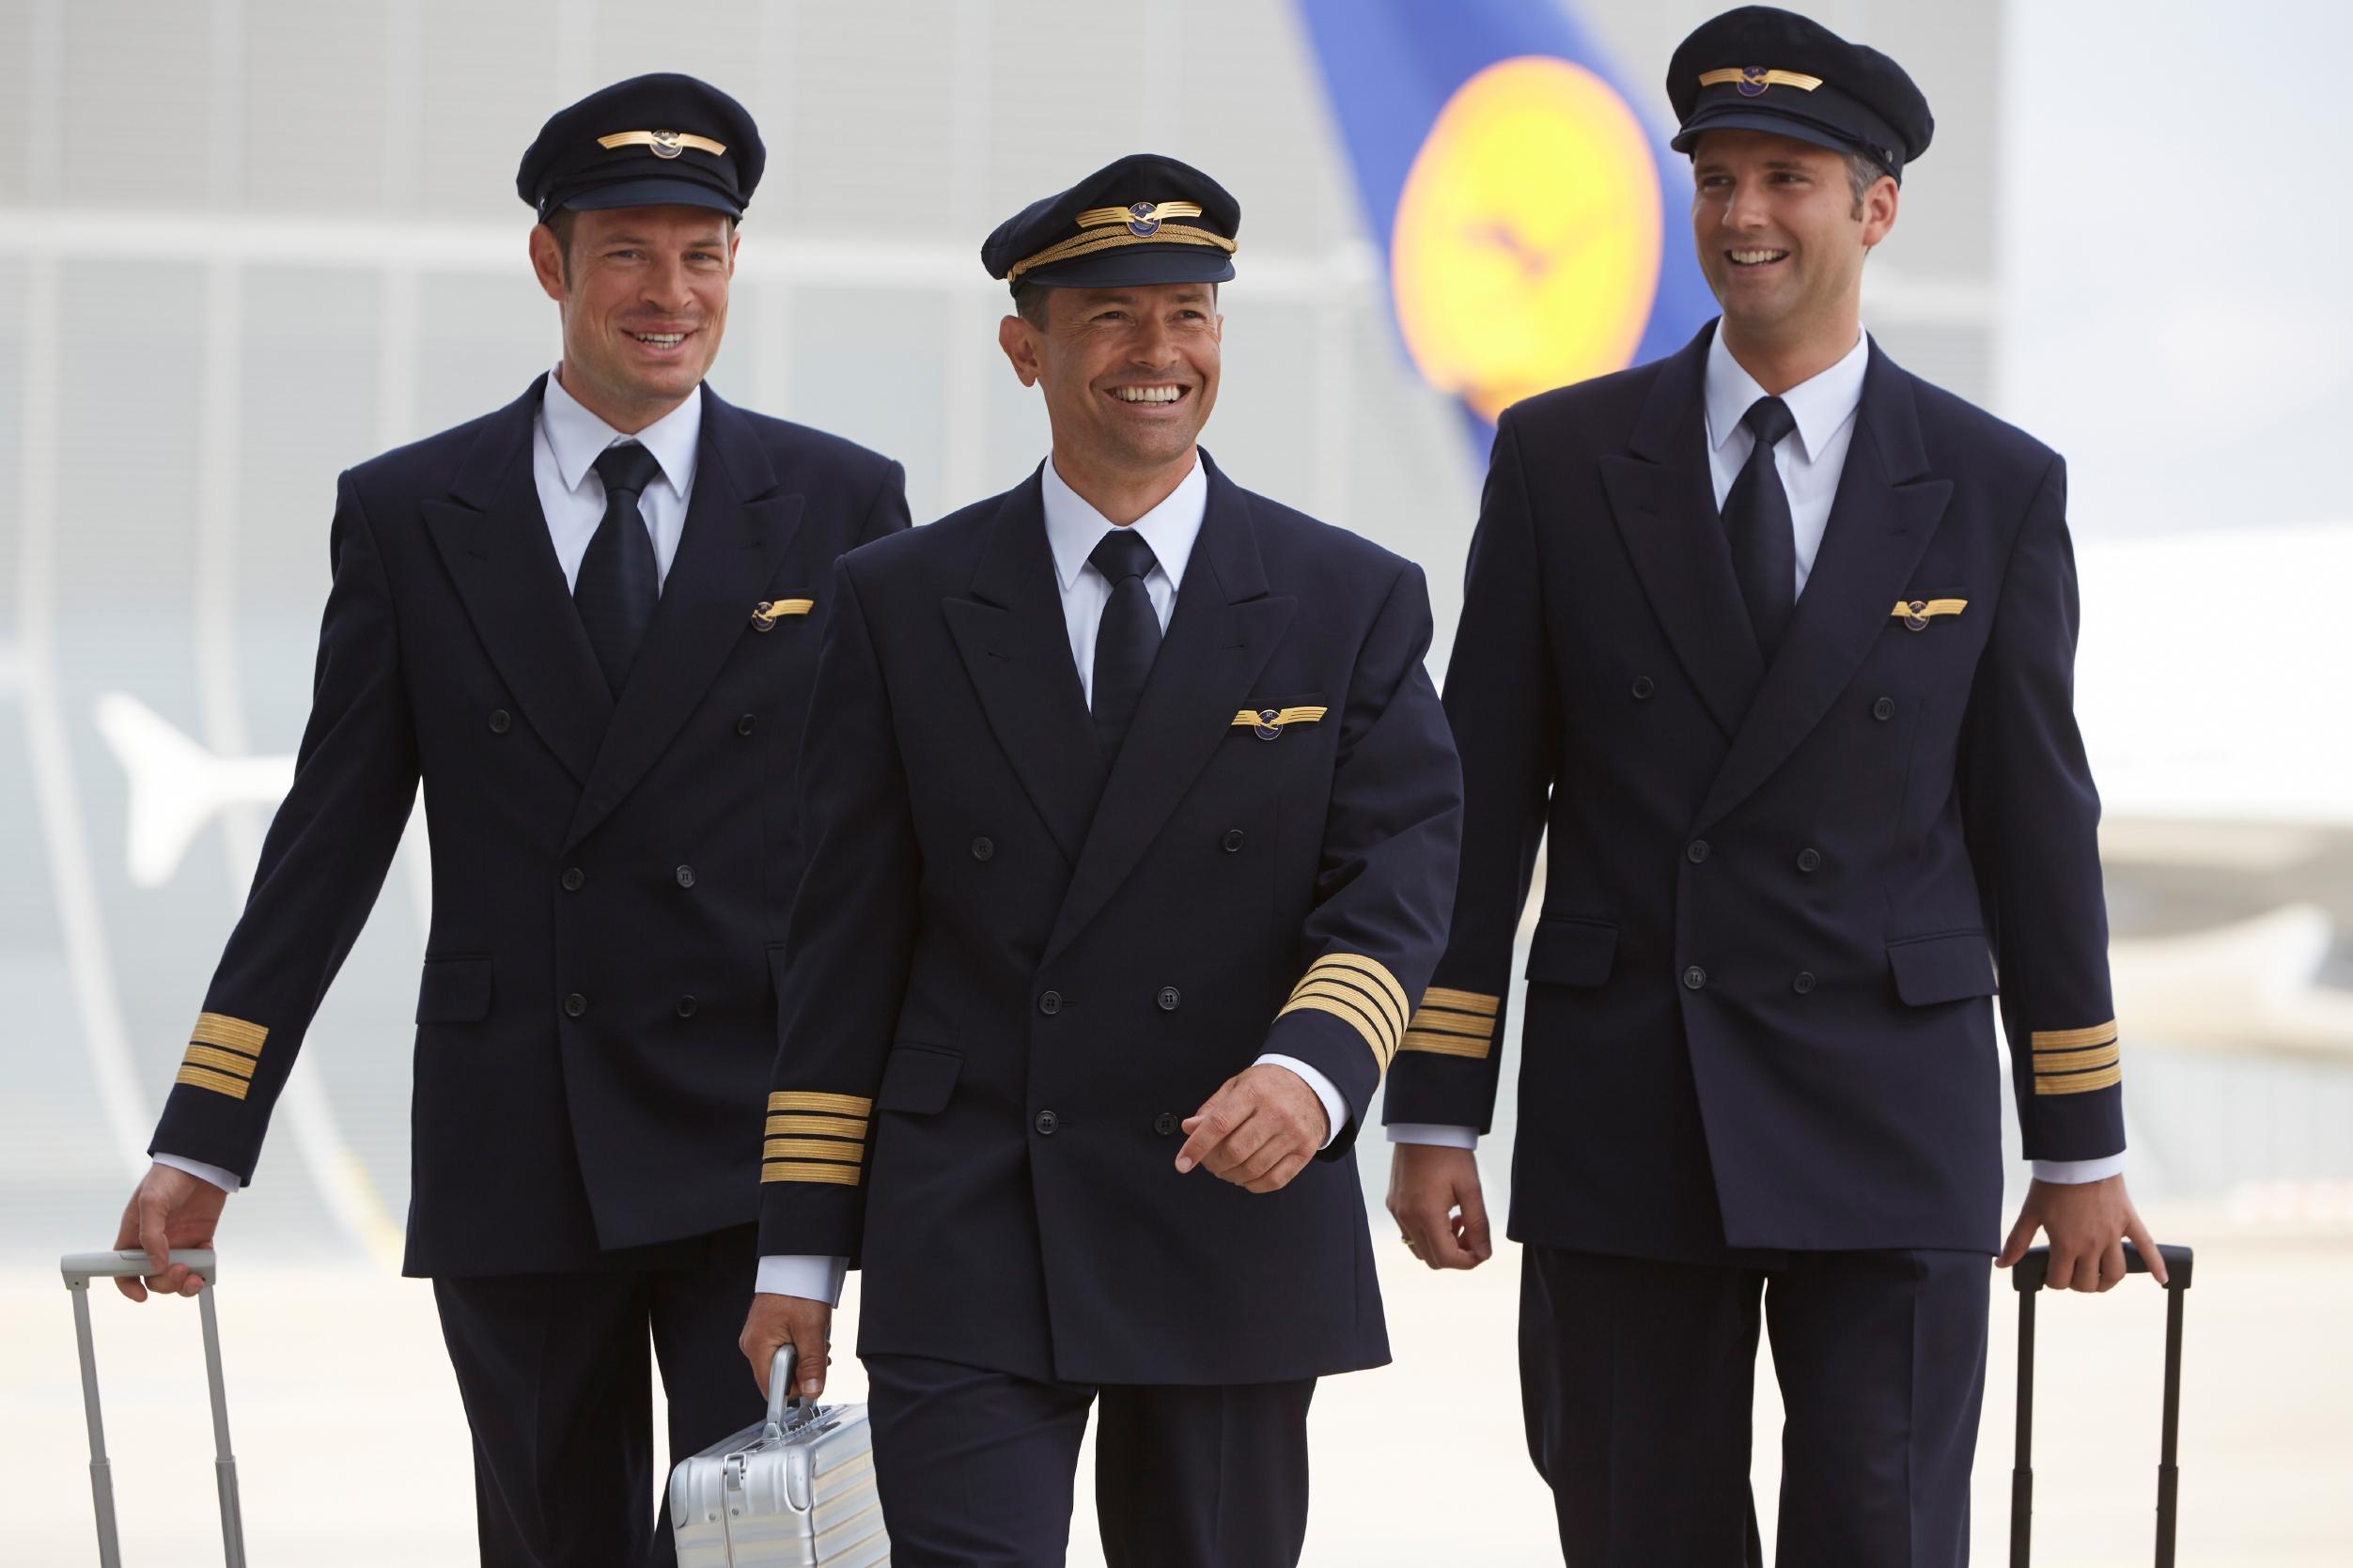 Gesichter der Lufthansa, Gesichter der Welt, Uniformen, Menschen, Kommunikation. Frankfurt, den 2.07.2013 Quelle: Lufthansa